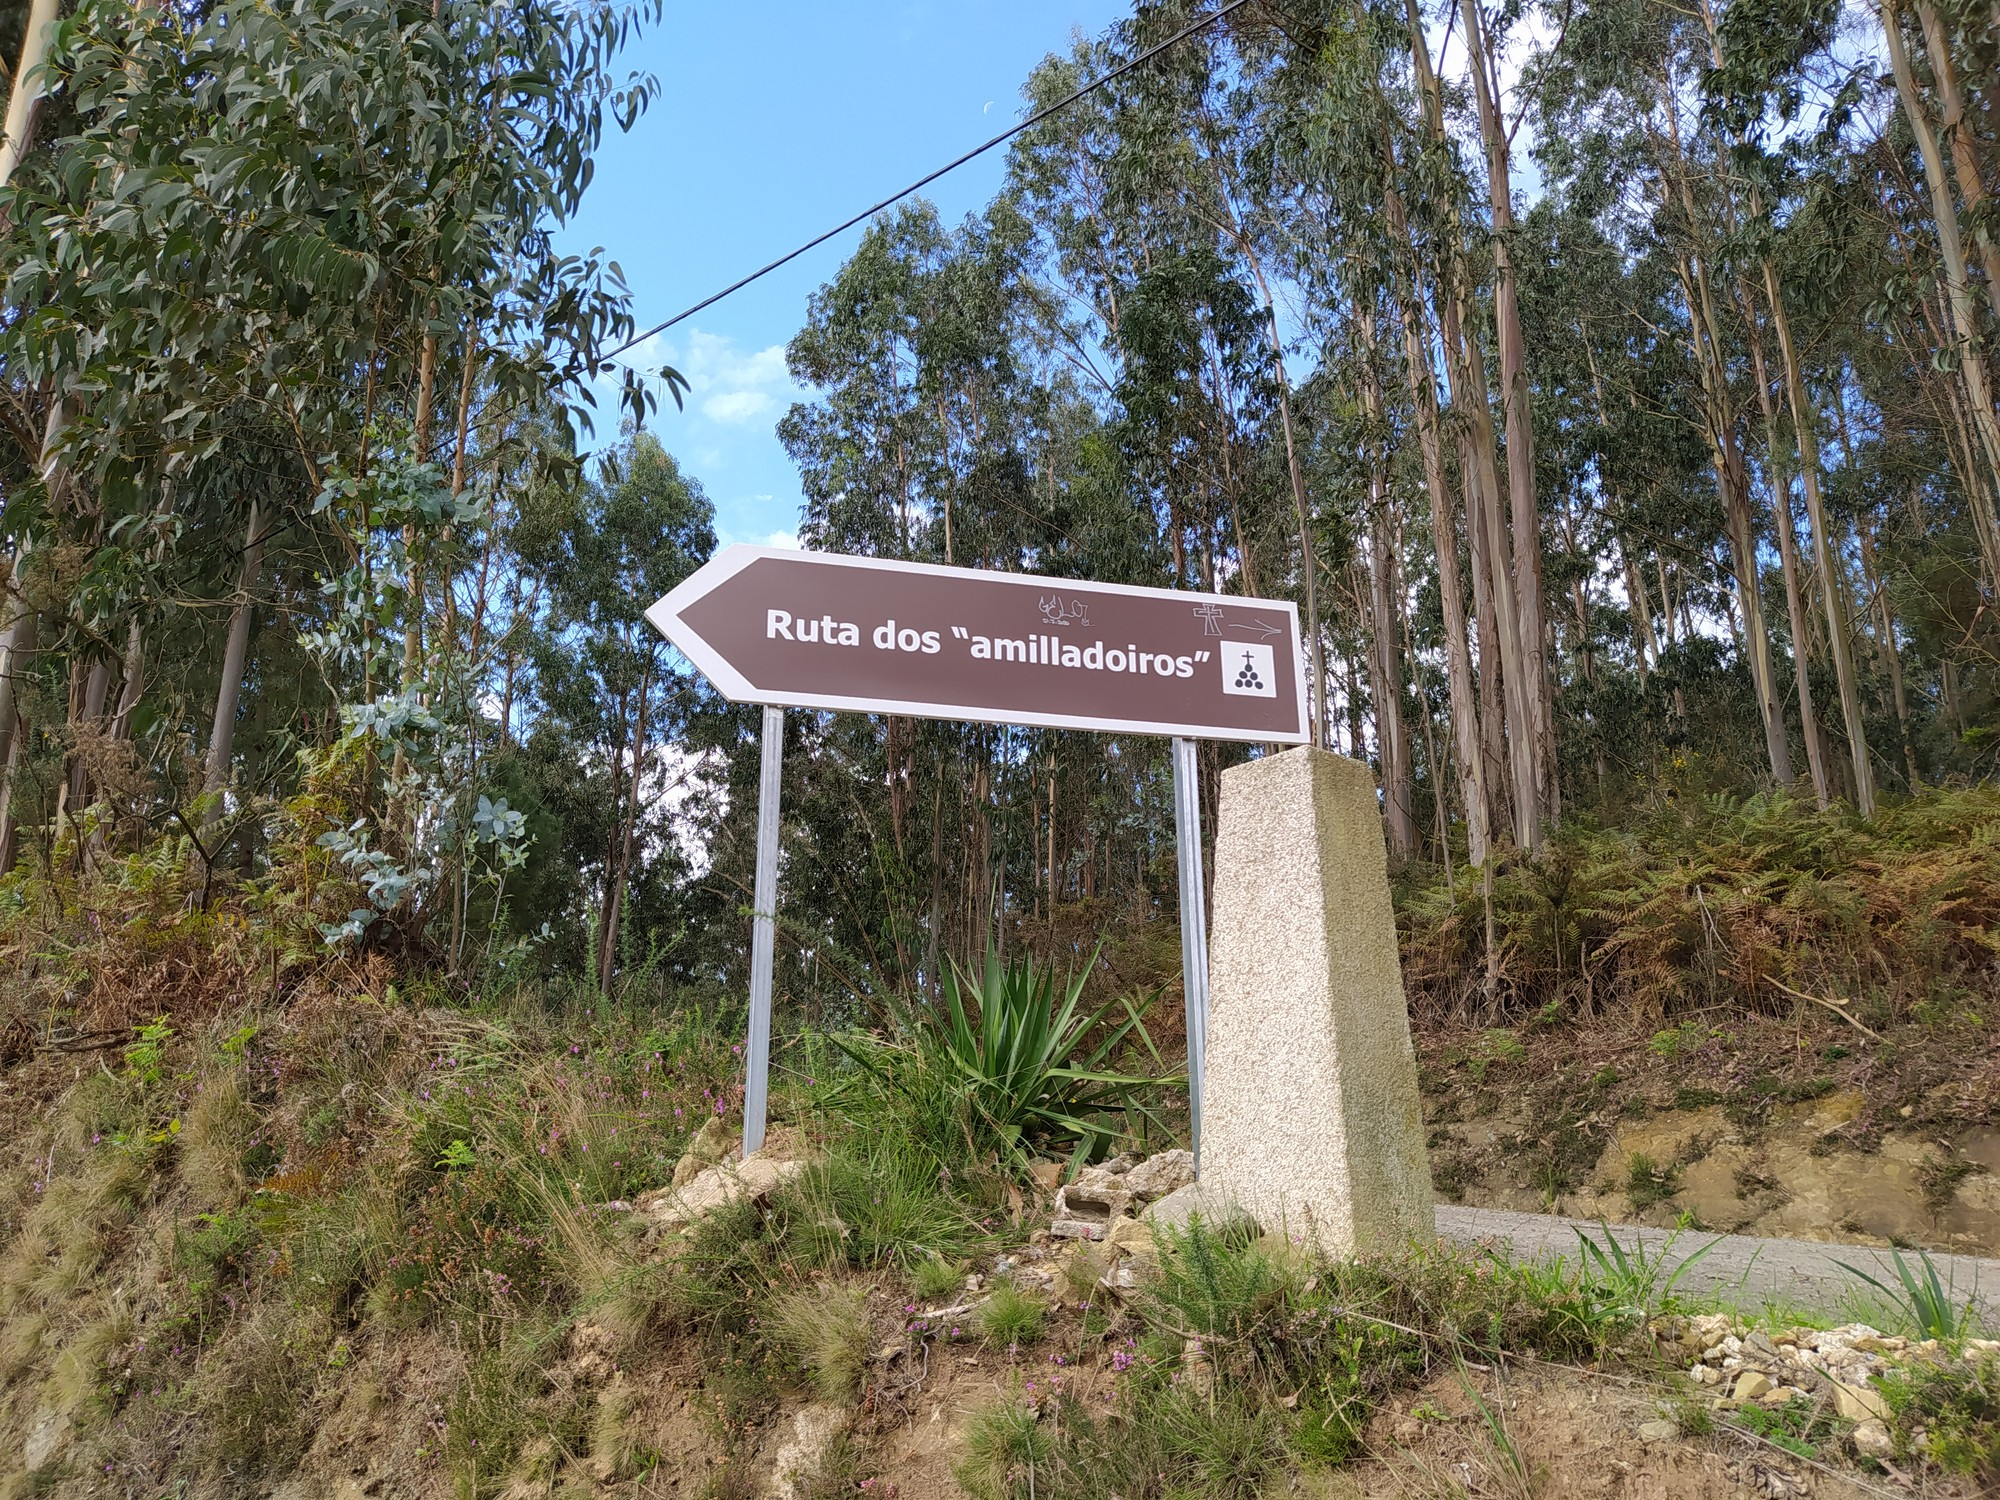 senda dos amilladoiros abegondo 15 - Senderismo en Abegondo: ruta dos amilladoiros